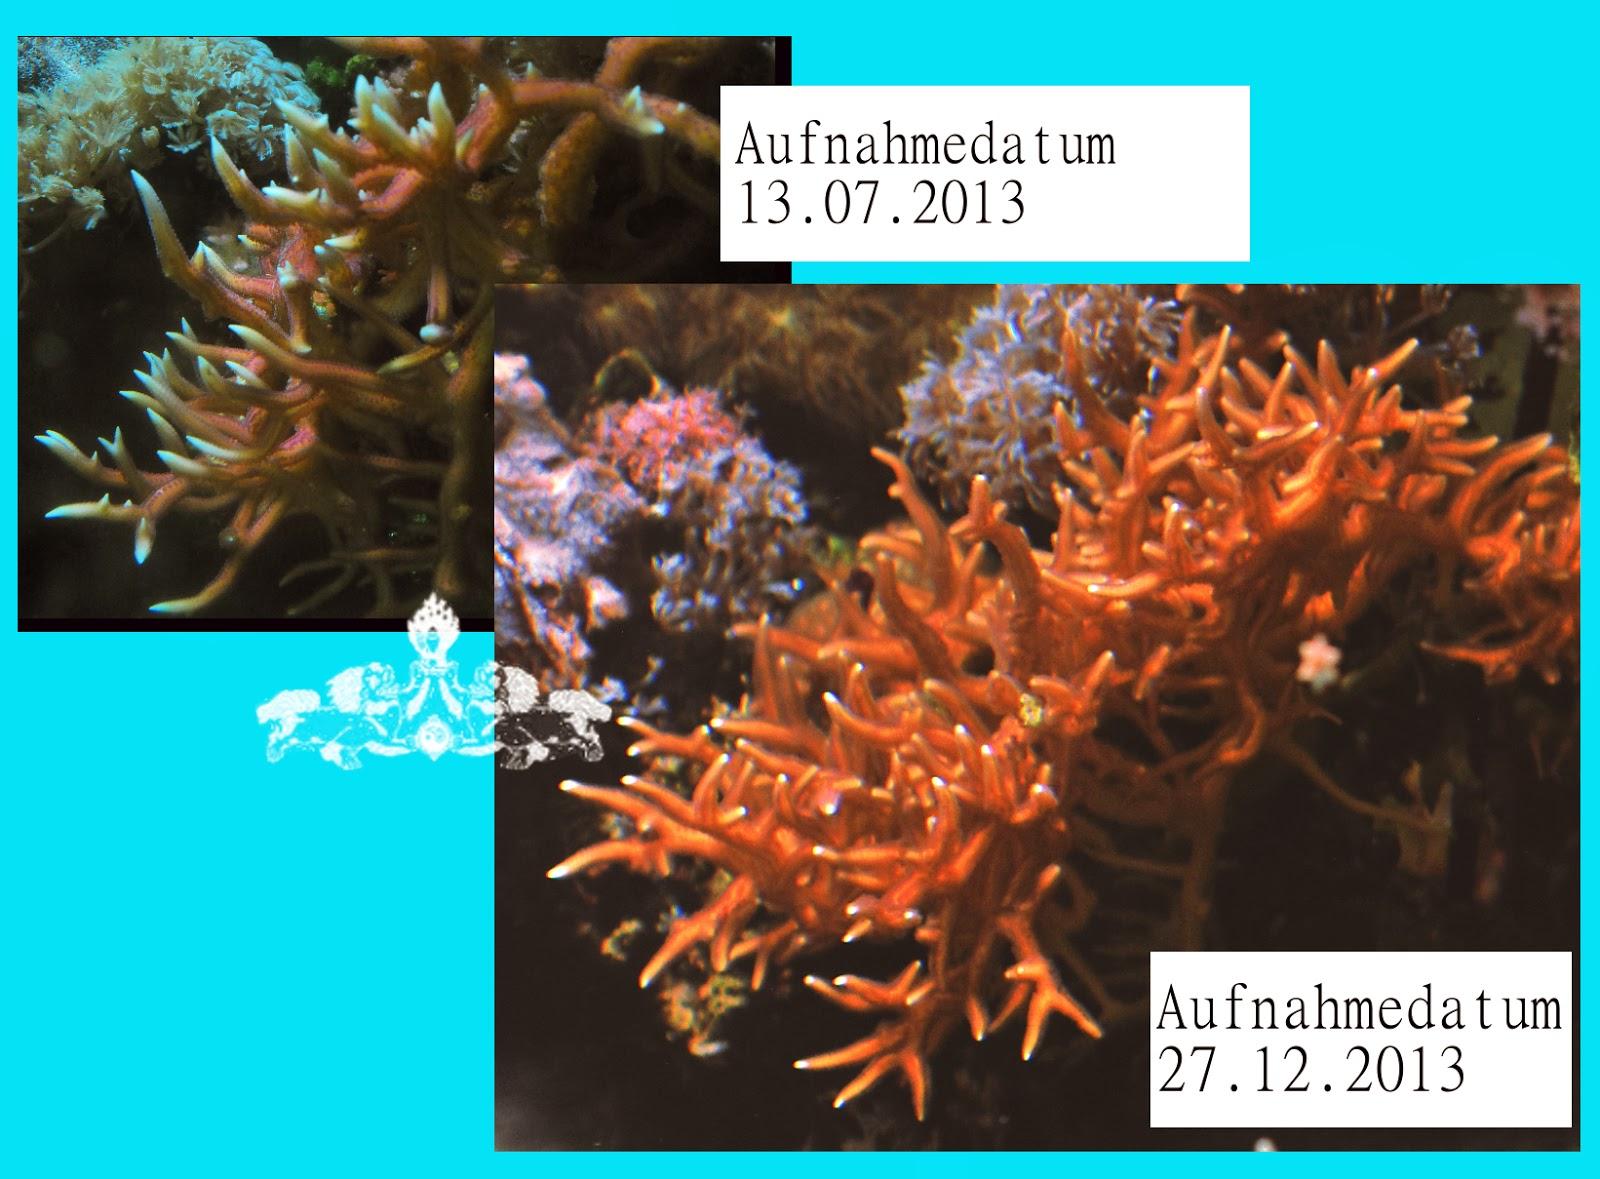 dr pilz reef tank chemistry wie schnell wachsen korallen sps. Black Bedroom Furniture Sets. Home Design Ideas